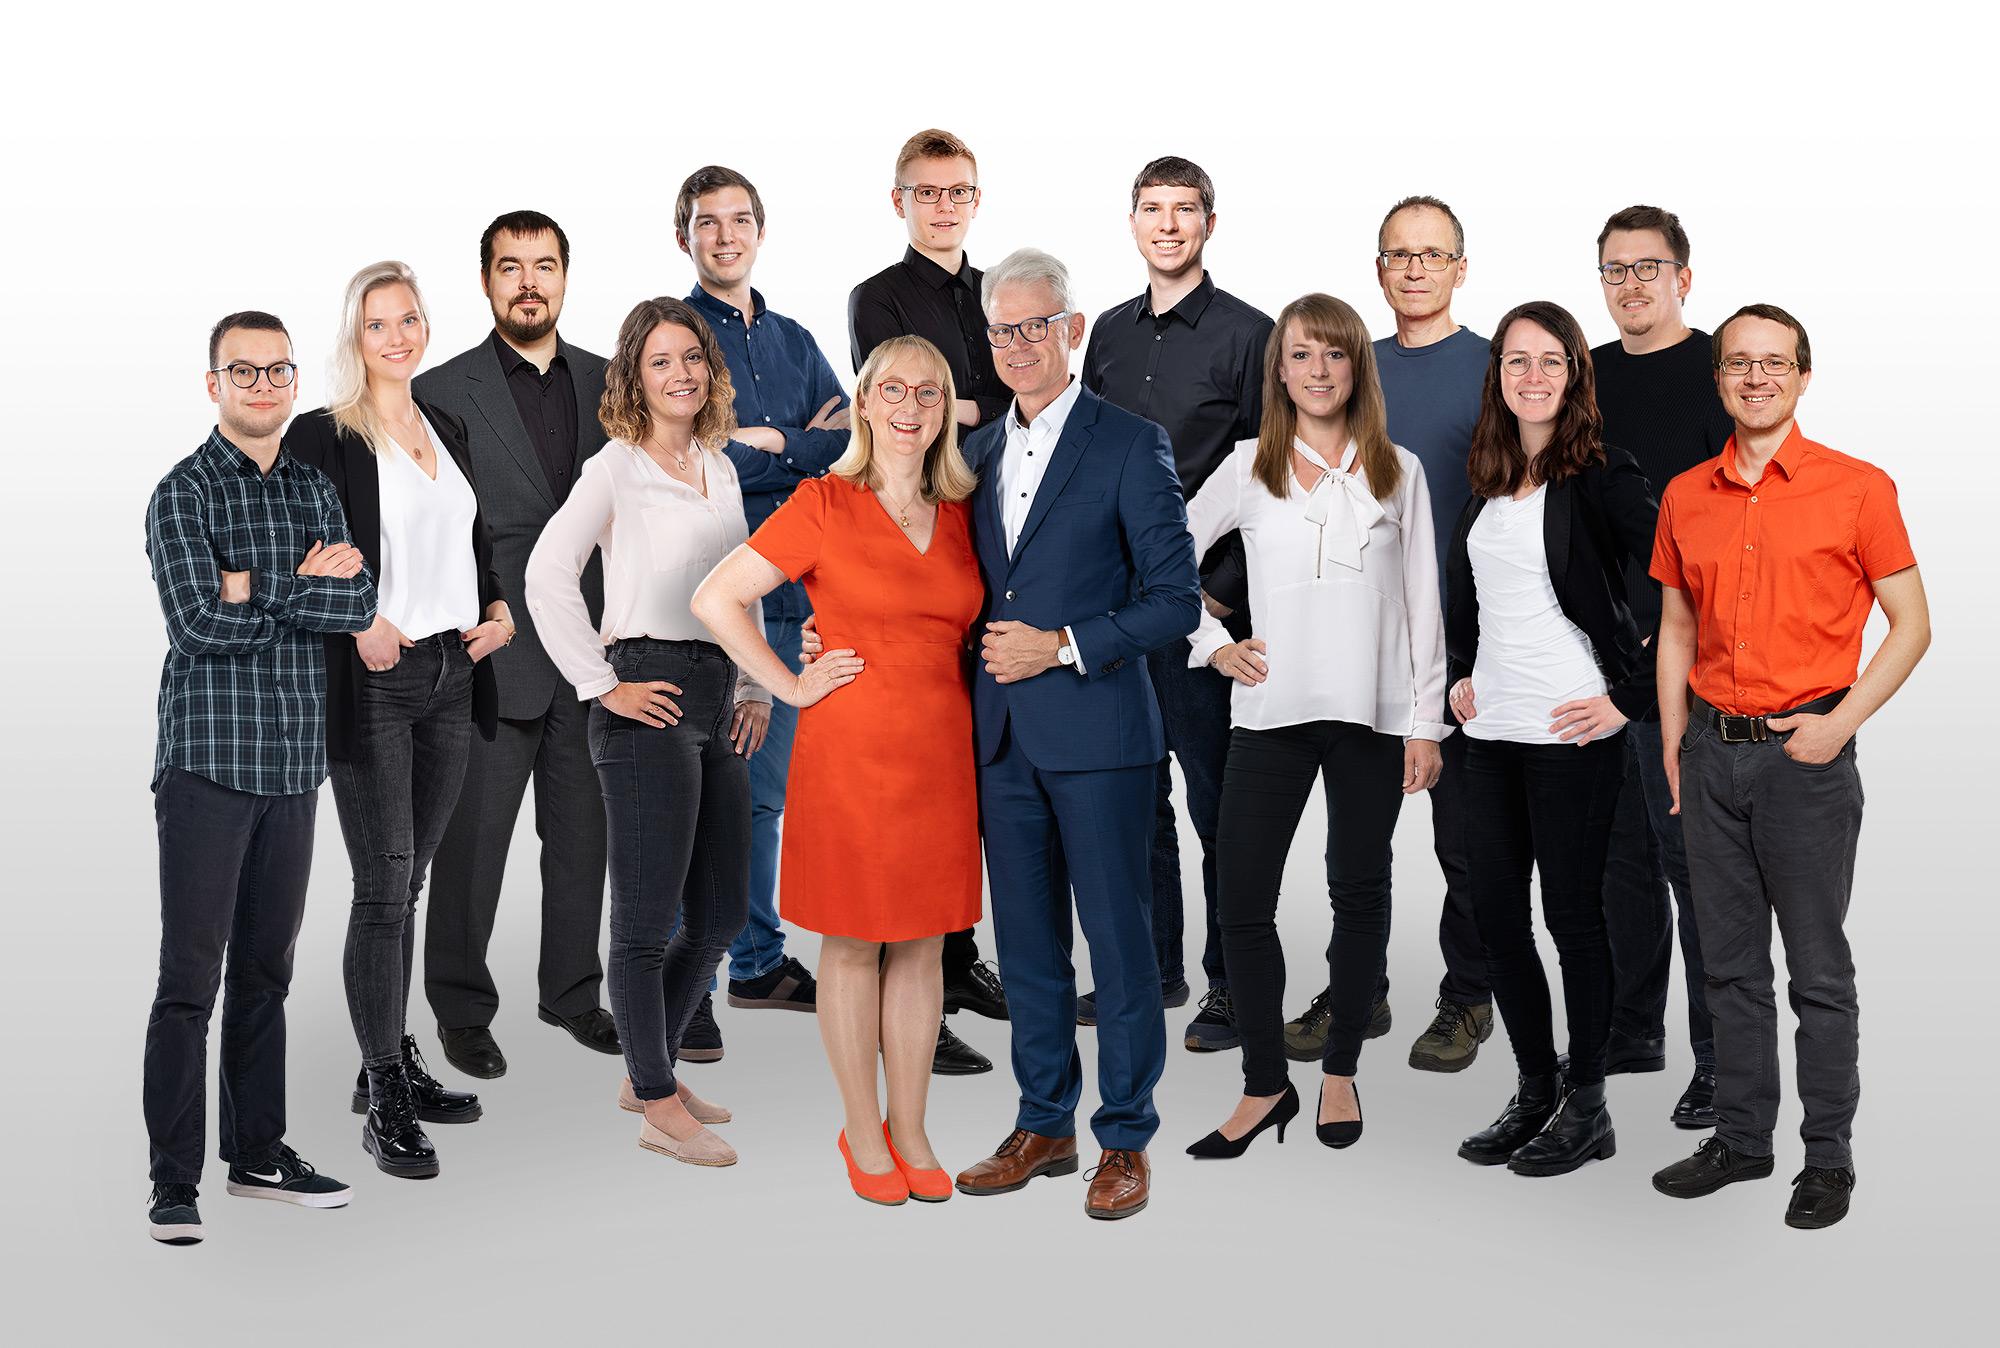 This photo shows the GeSi Software GmbH team. Back: Jens Heyn, Kathrin Koltunow, Philip Stefl, Jonas Doré, Klaus Biehler, Rainer Schmöger, Elmar Baumann, Christian Niekler Front: Julia Besendorf, Petra Feitsch, Dr. Dieter Feitsch, Stefanie Hofmann, Hannah Kraft, Eric Kraußer